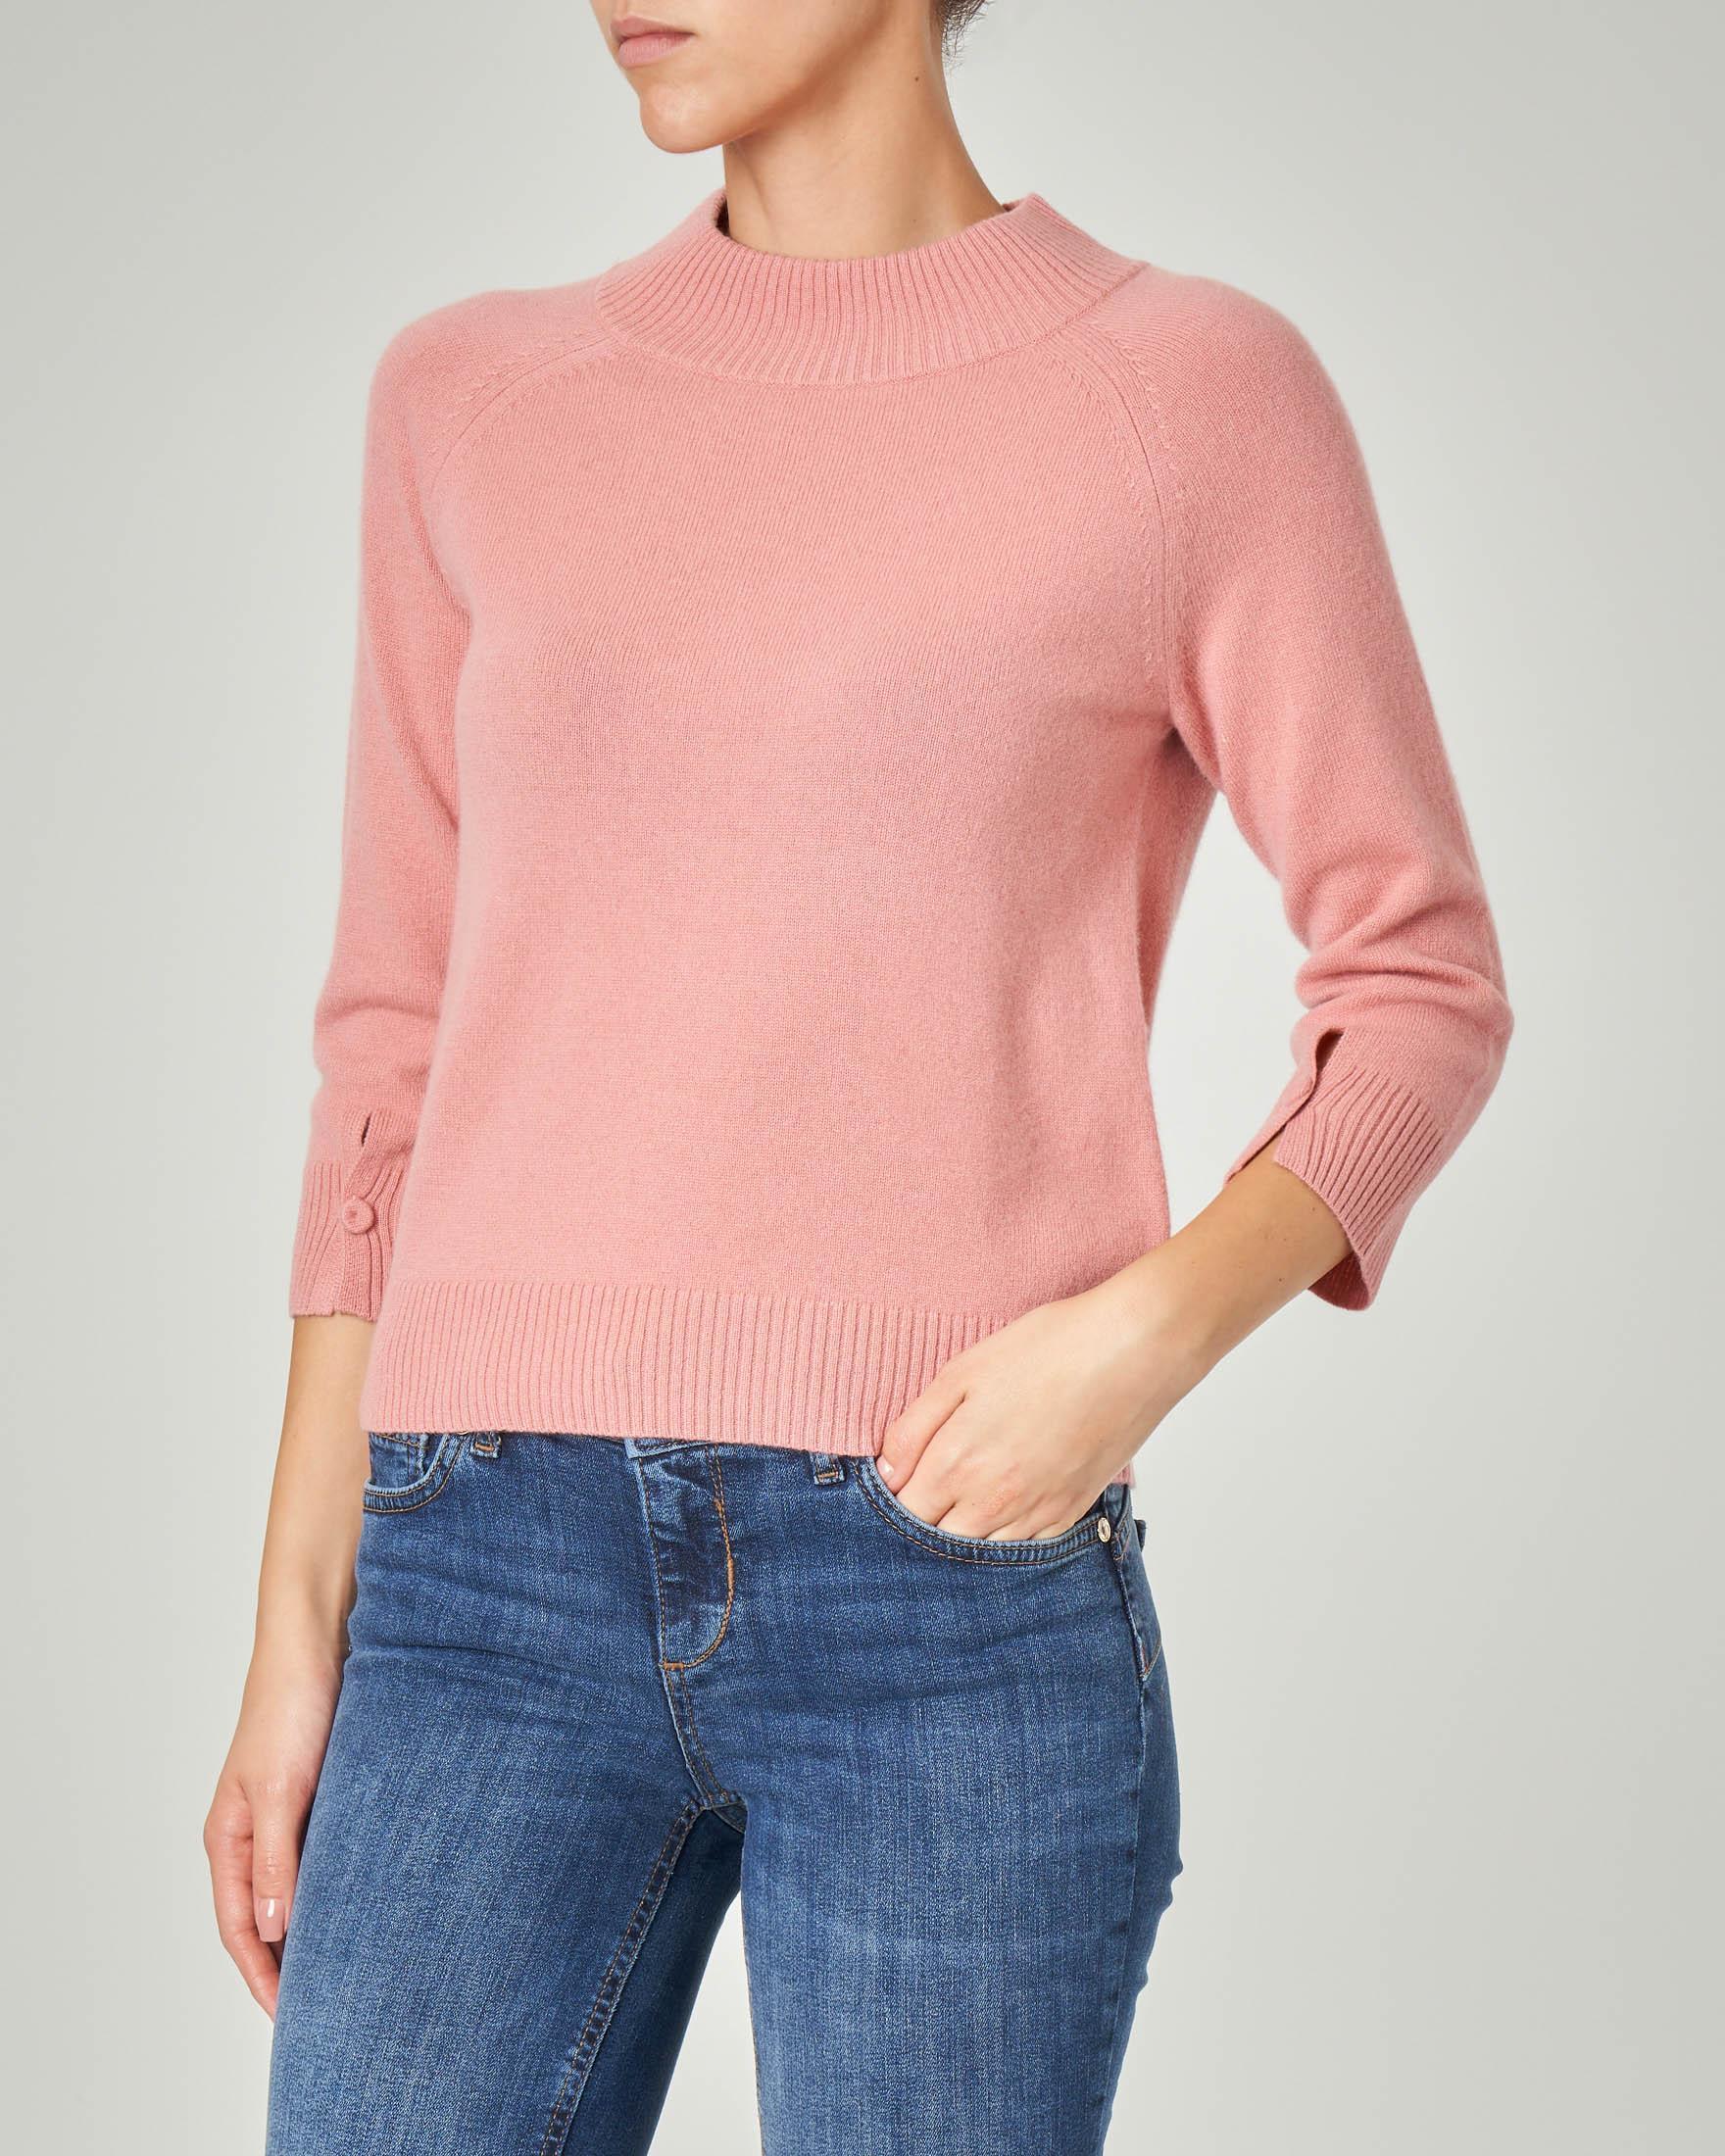 Maglia in lana misto cashmere rosa con maniche tre quarti